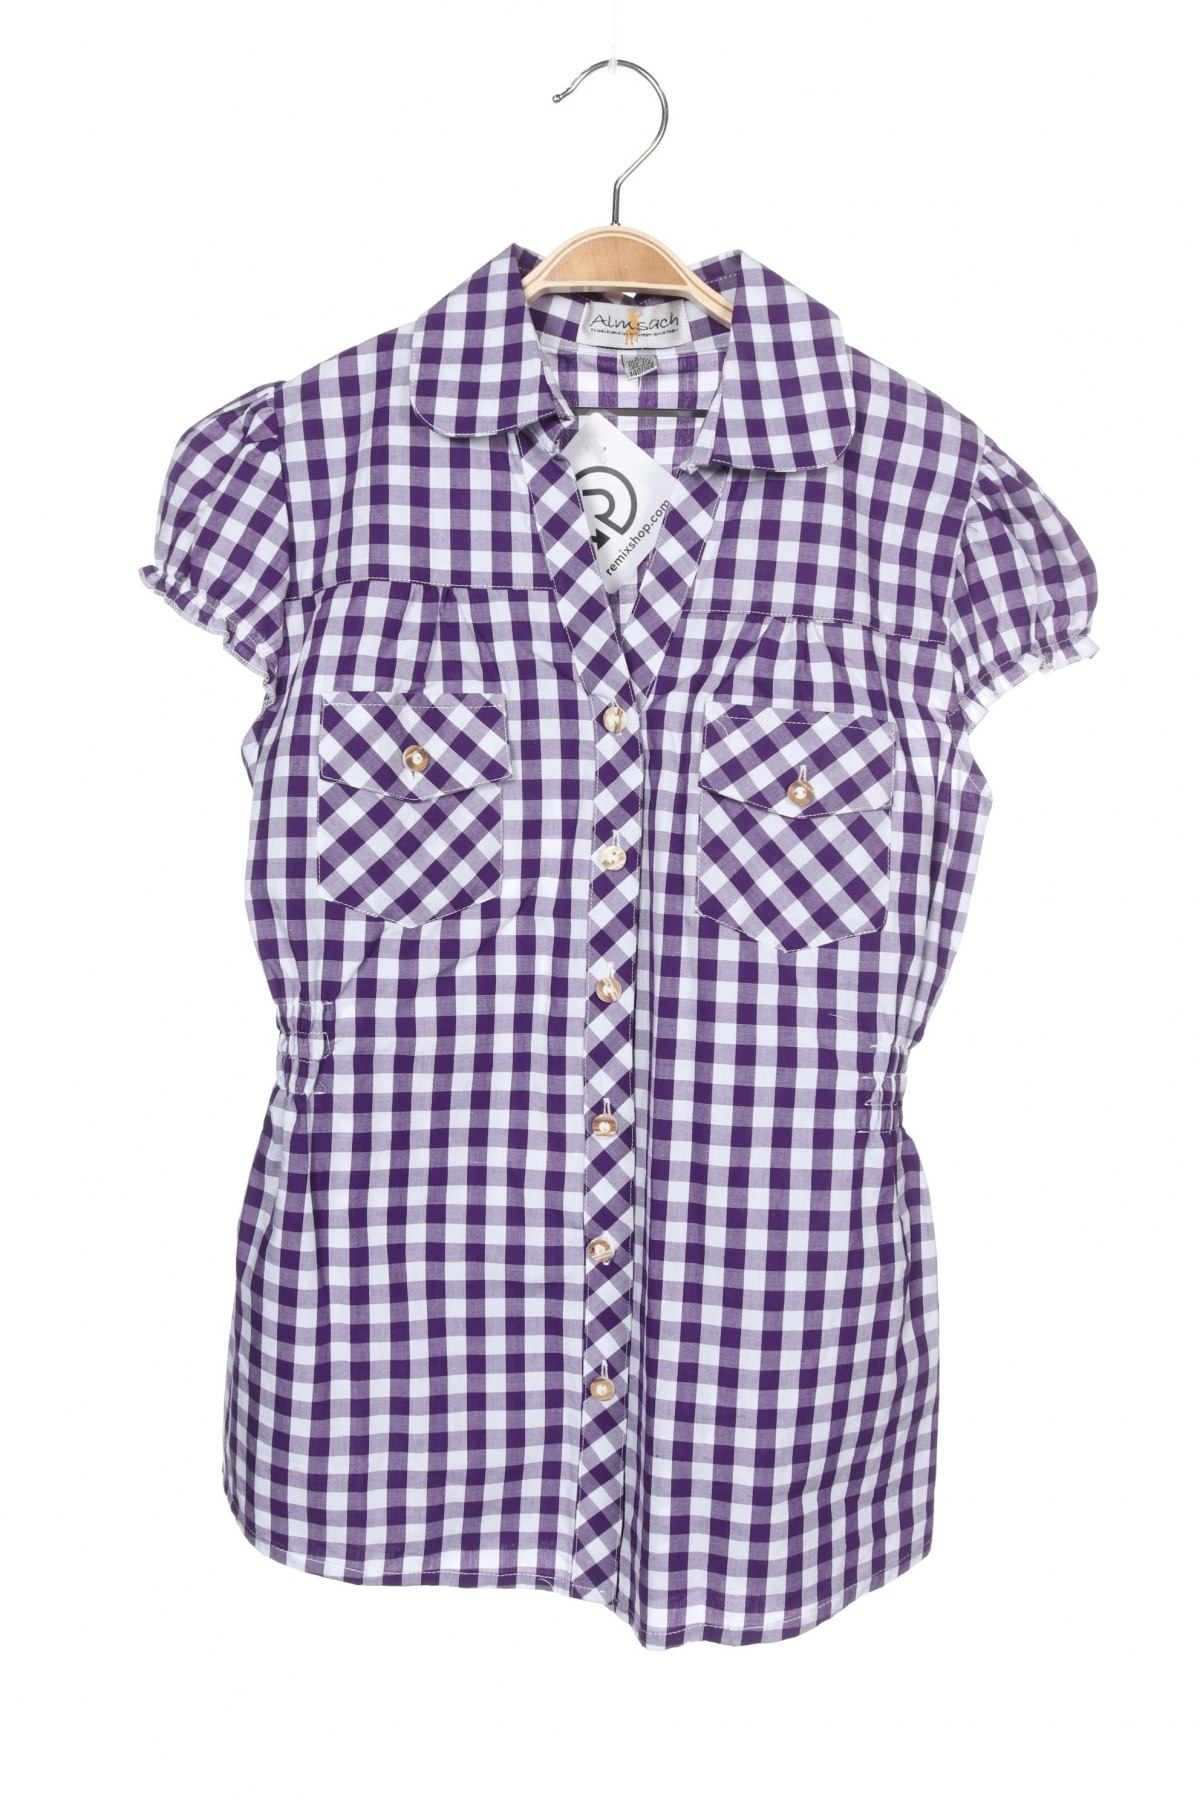 Παιδικό πουκάμισο Almsach, Μέγεθος 9-10y/ 140-146 εκ., Χρώμα Βιολετί, Βαμβάκι, Τιμή 5,26€